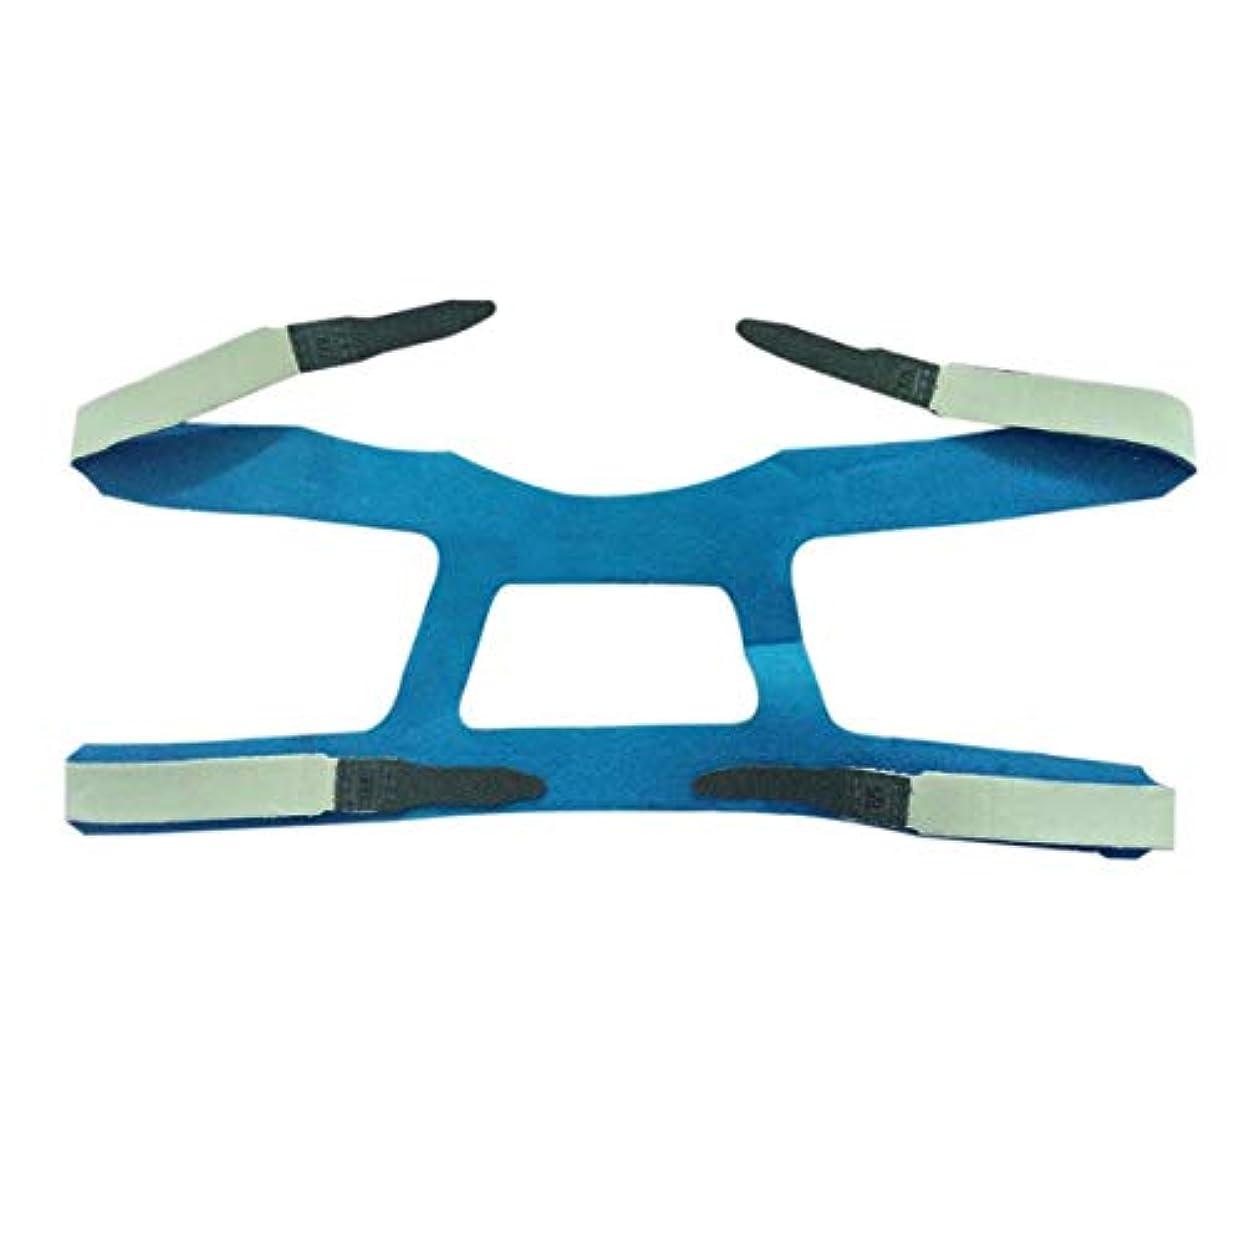 ほこりソブリケット気づくintercorey保護ギアユニバーサルデザインヘッドギアコンフォートジェルフルマスク安全な環境の取り替えCPAPヘッドバンドなしマスク用PHILPS